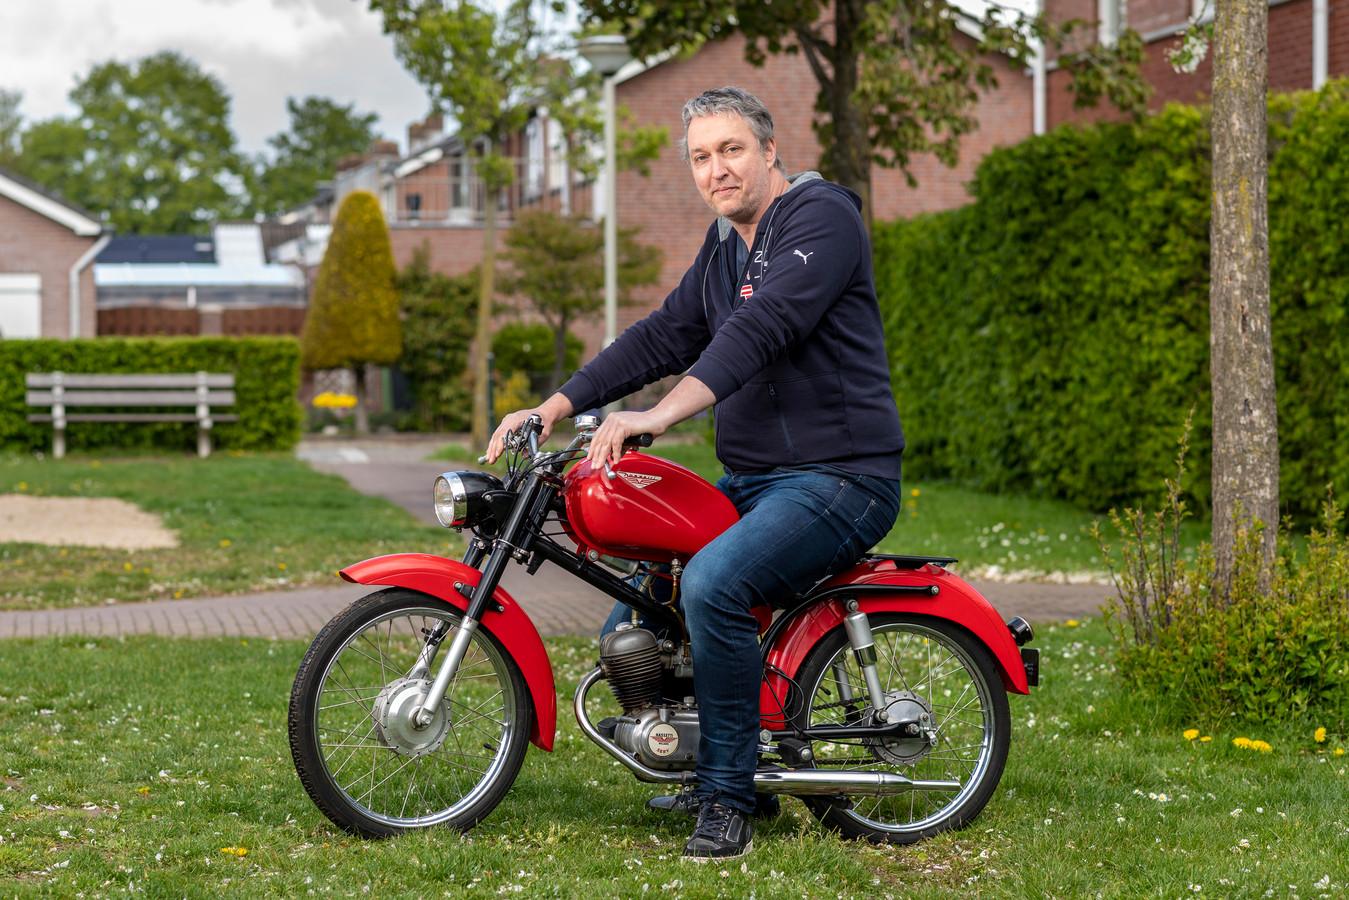 Arnhem, 5 mei 2021. Rick Heideveld heeft als hobby het opknappen van oude Italiaanse Nassetti bromfietsen. dgfoto . Foto: Gerard Burgers